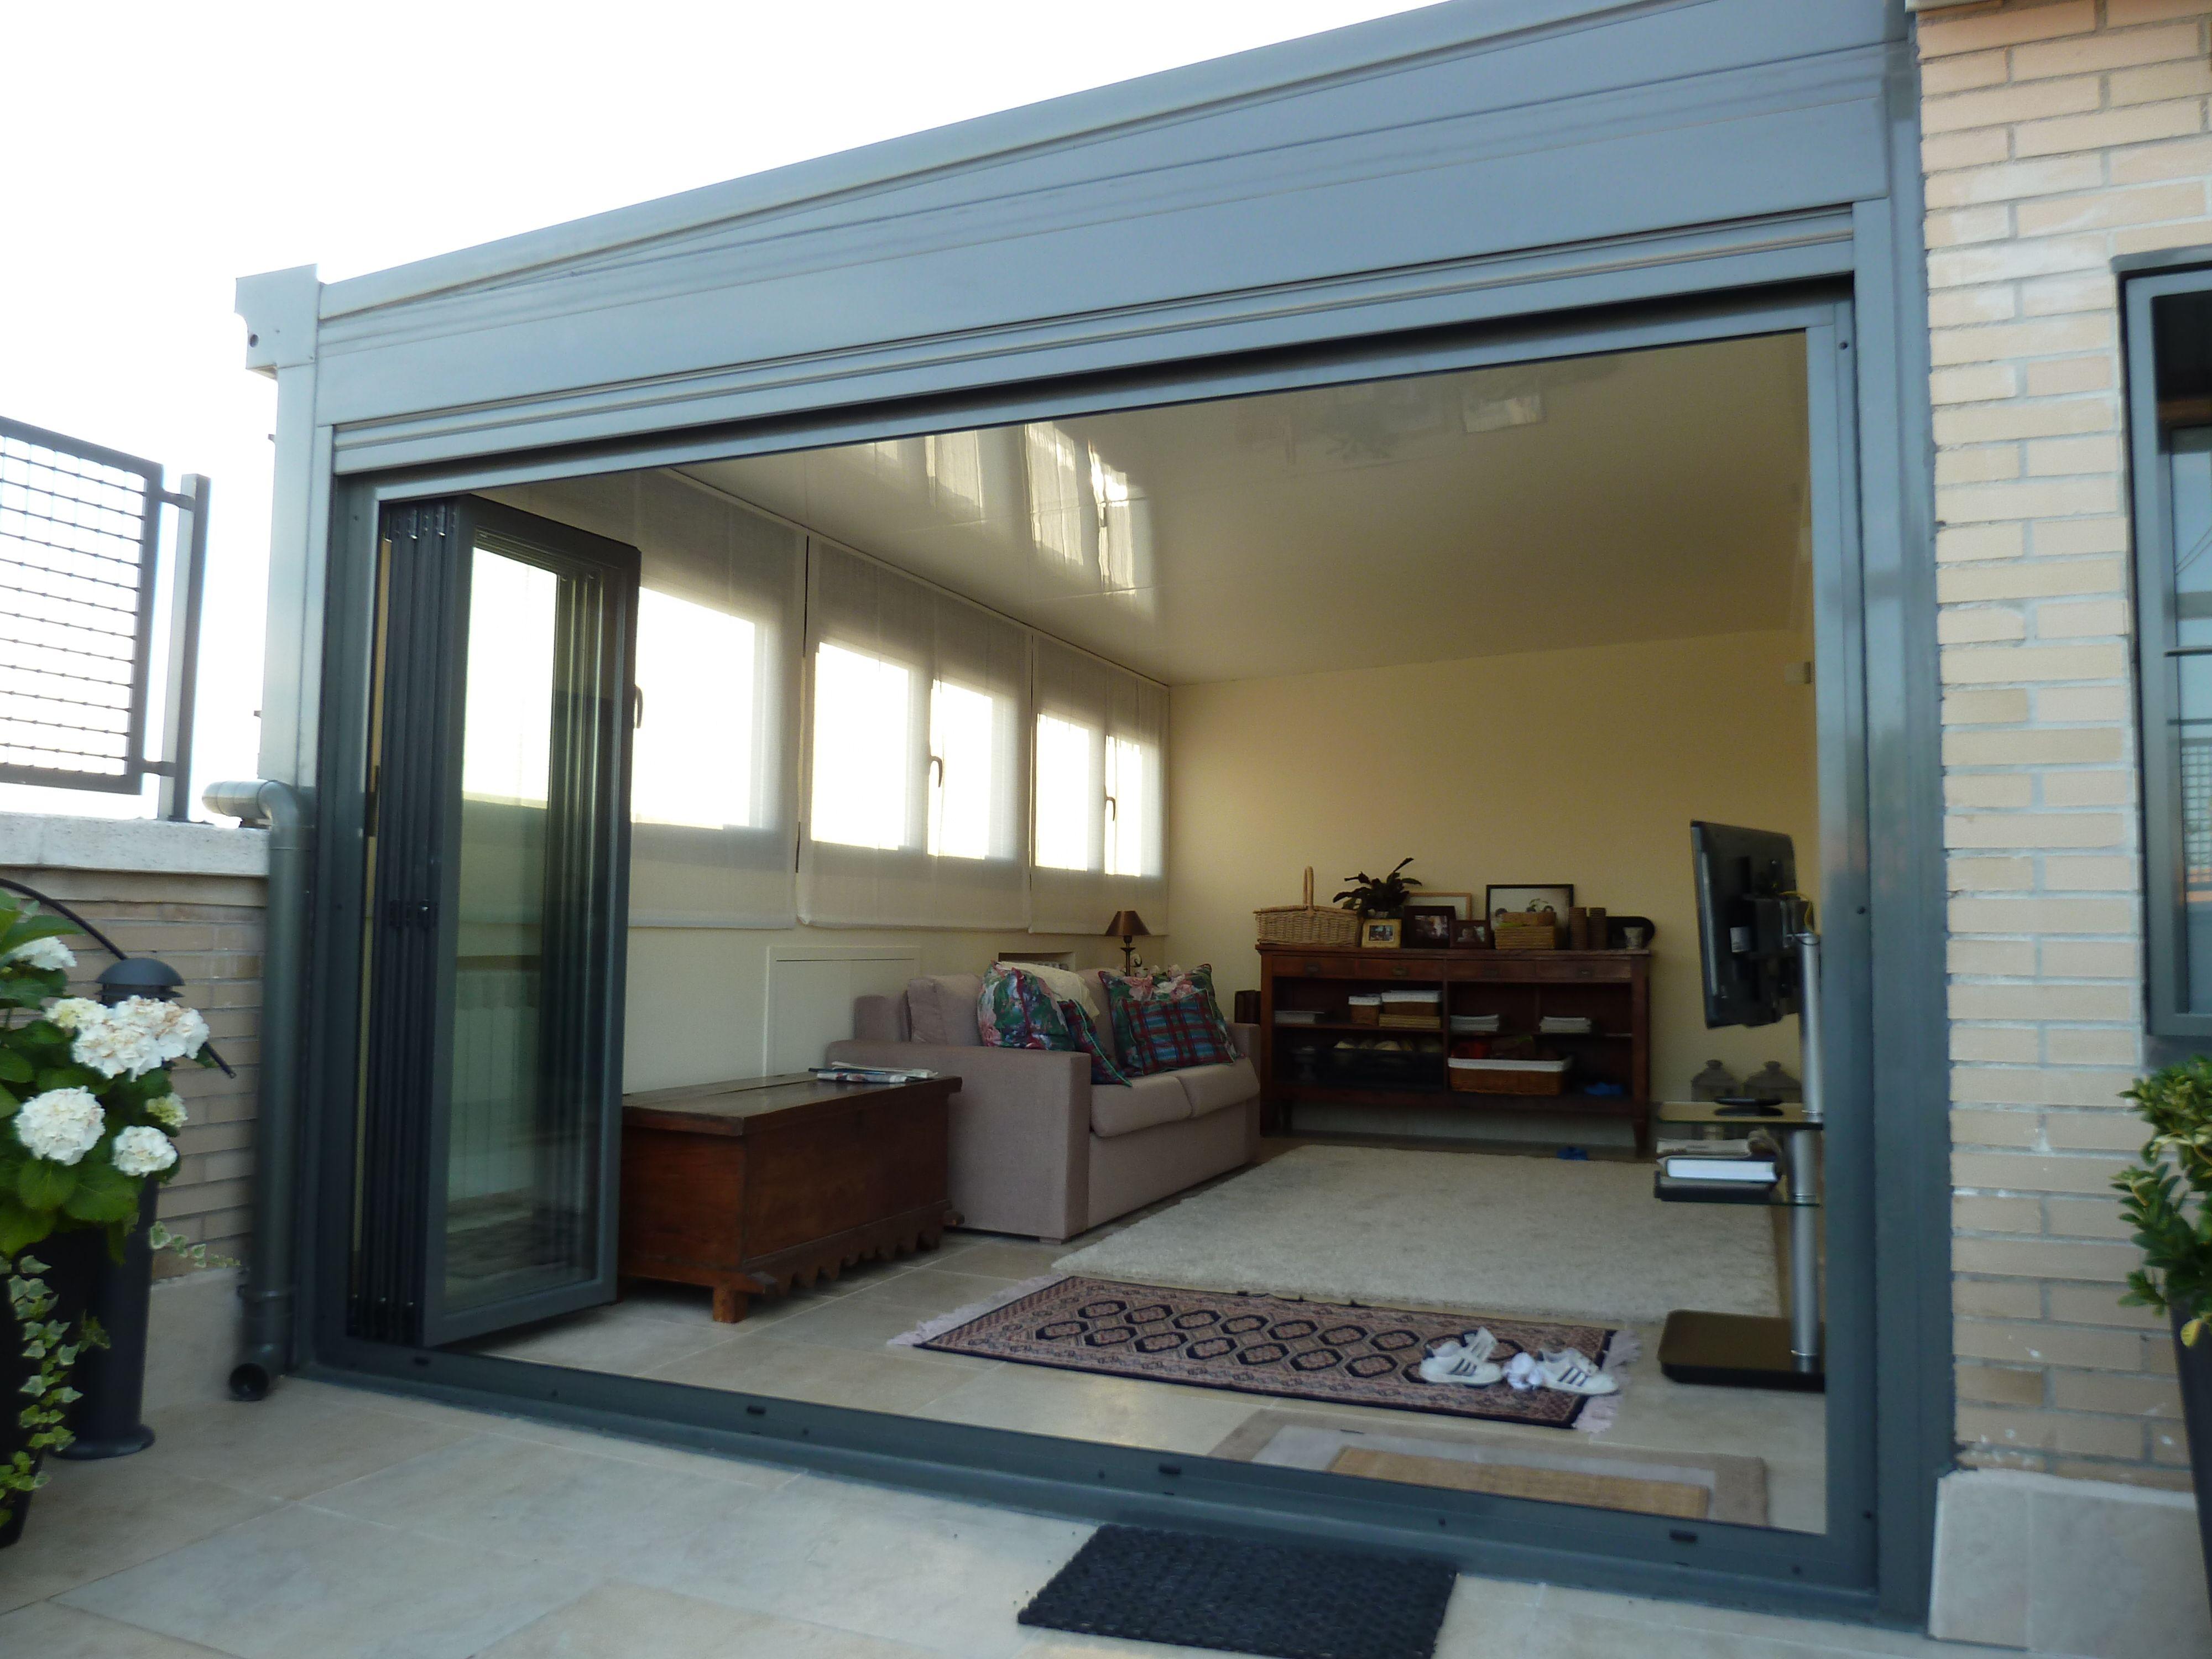 Techo fijo panel sandwich y plegable ventanas abatibles - Techos de aluminio para terrazas ...